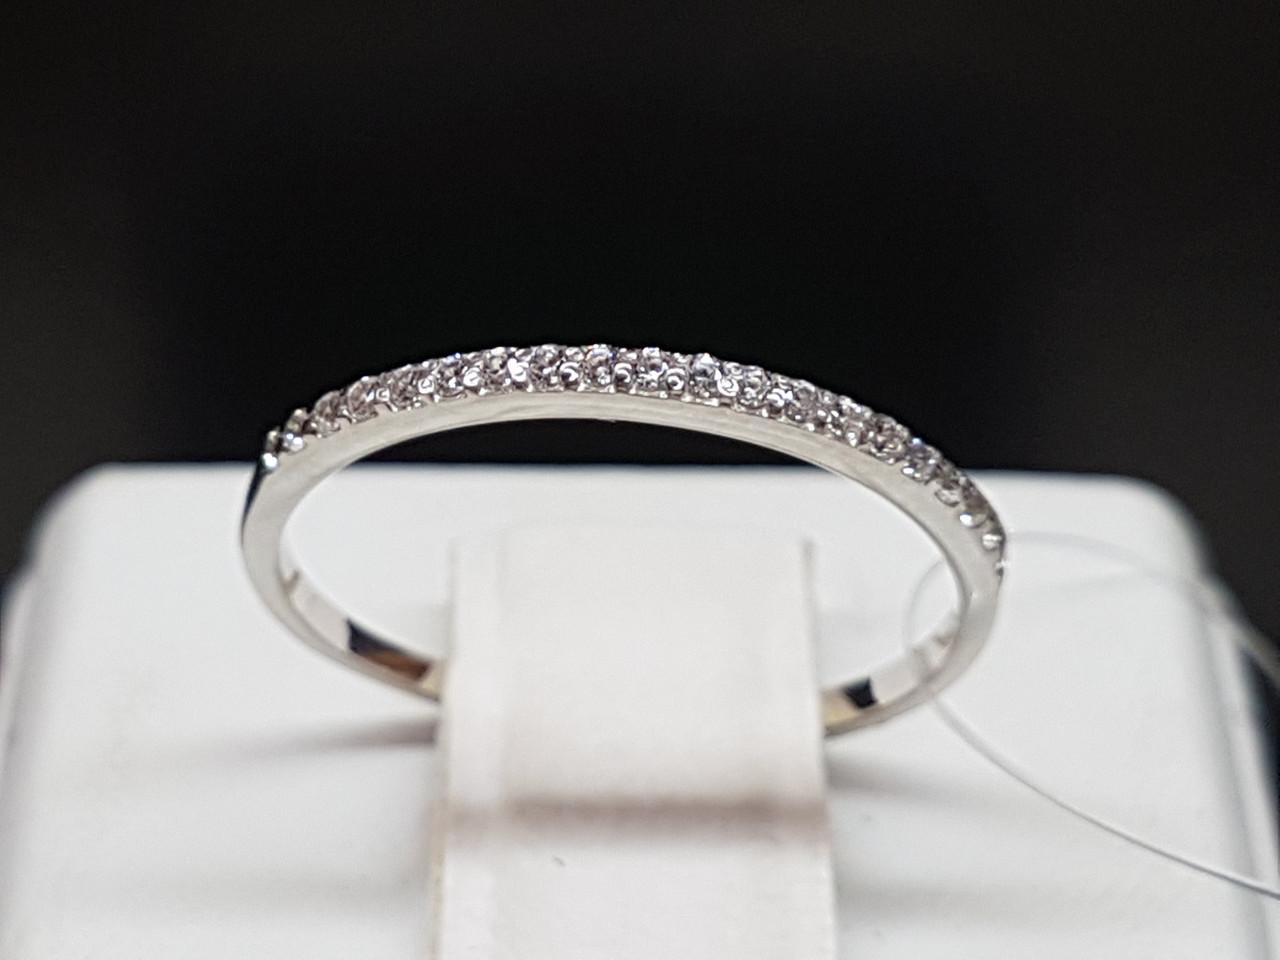 Срібне кільце з фіанітами. Артикул 901-00726 15